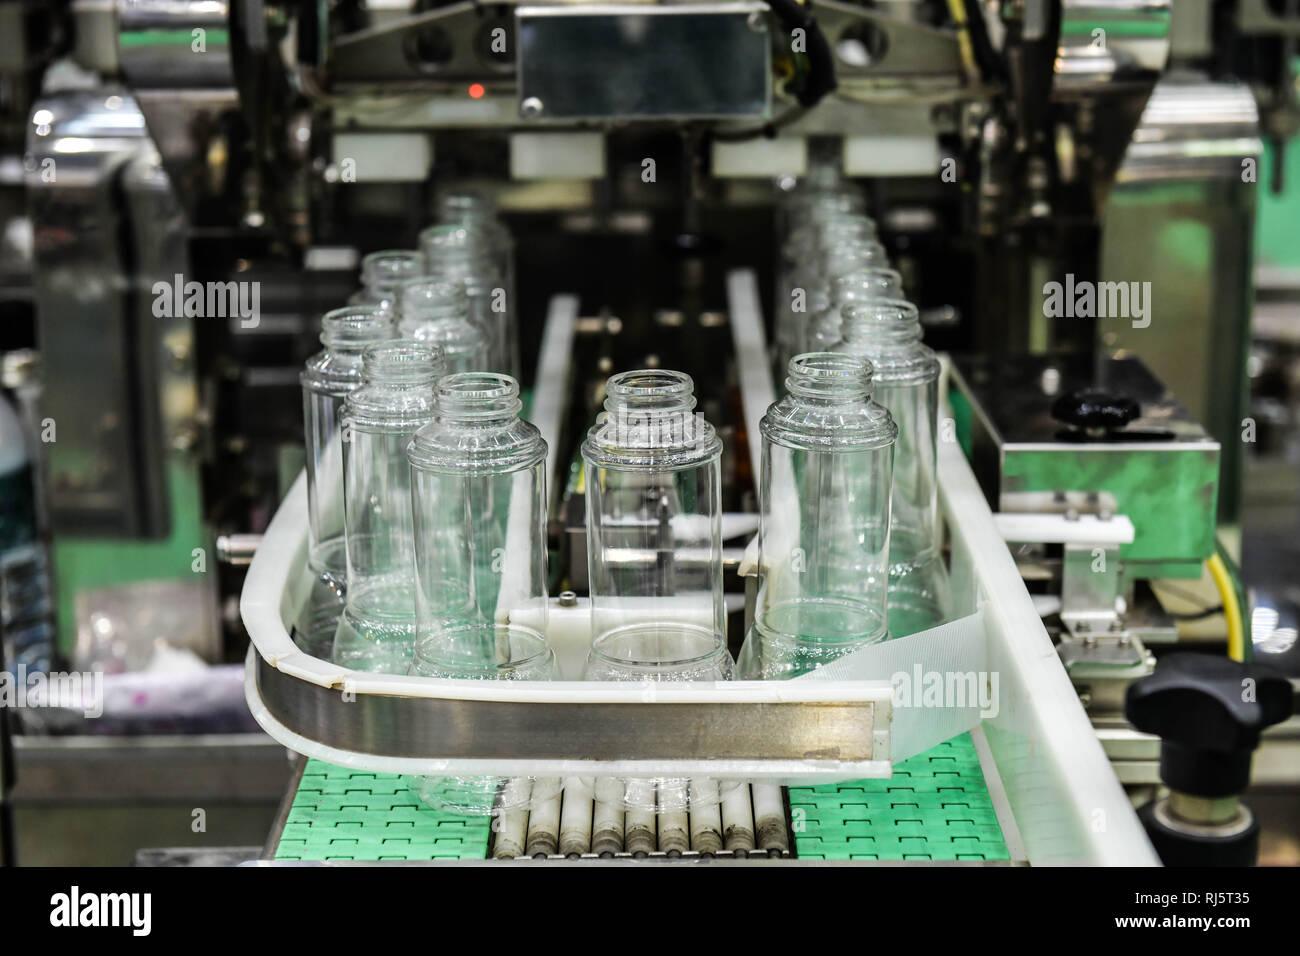 Botellas de vidrio transparente la transferencia de los sistemas de cintas transportadoras automatizadas para el paquete de automatización industrial Foto de stock